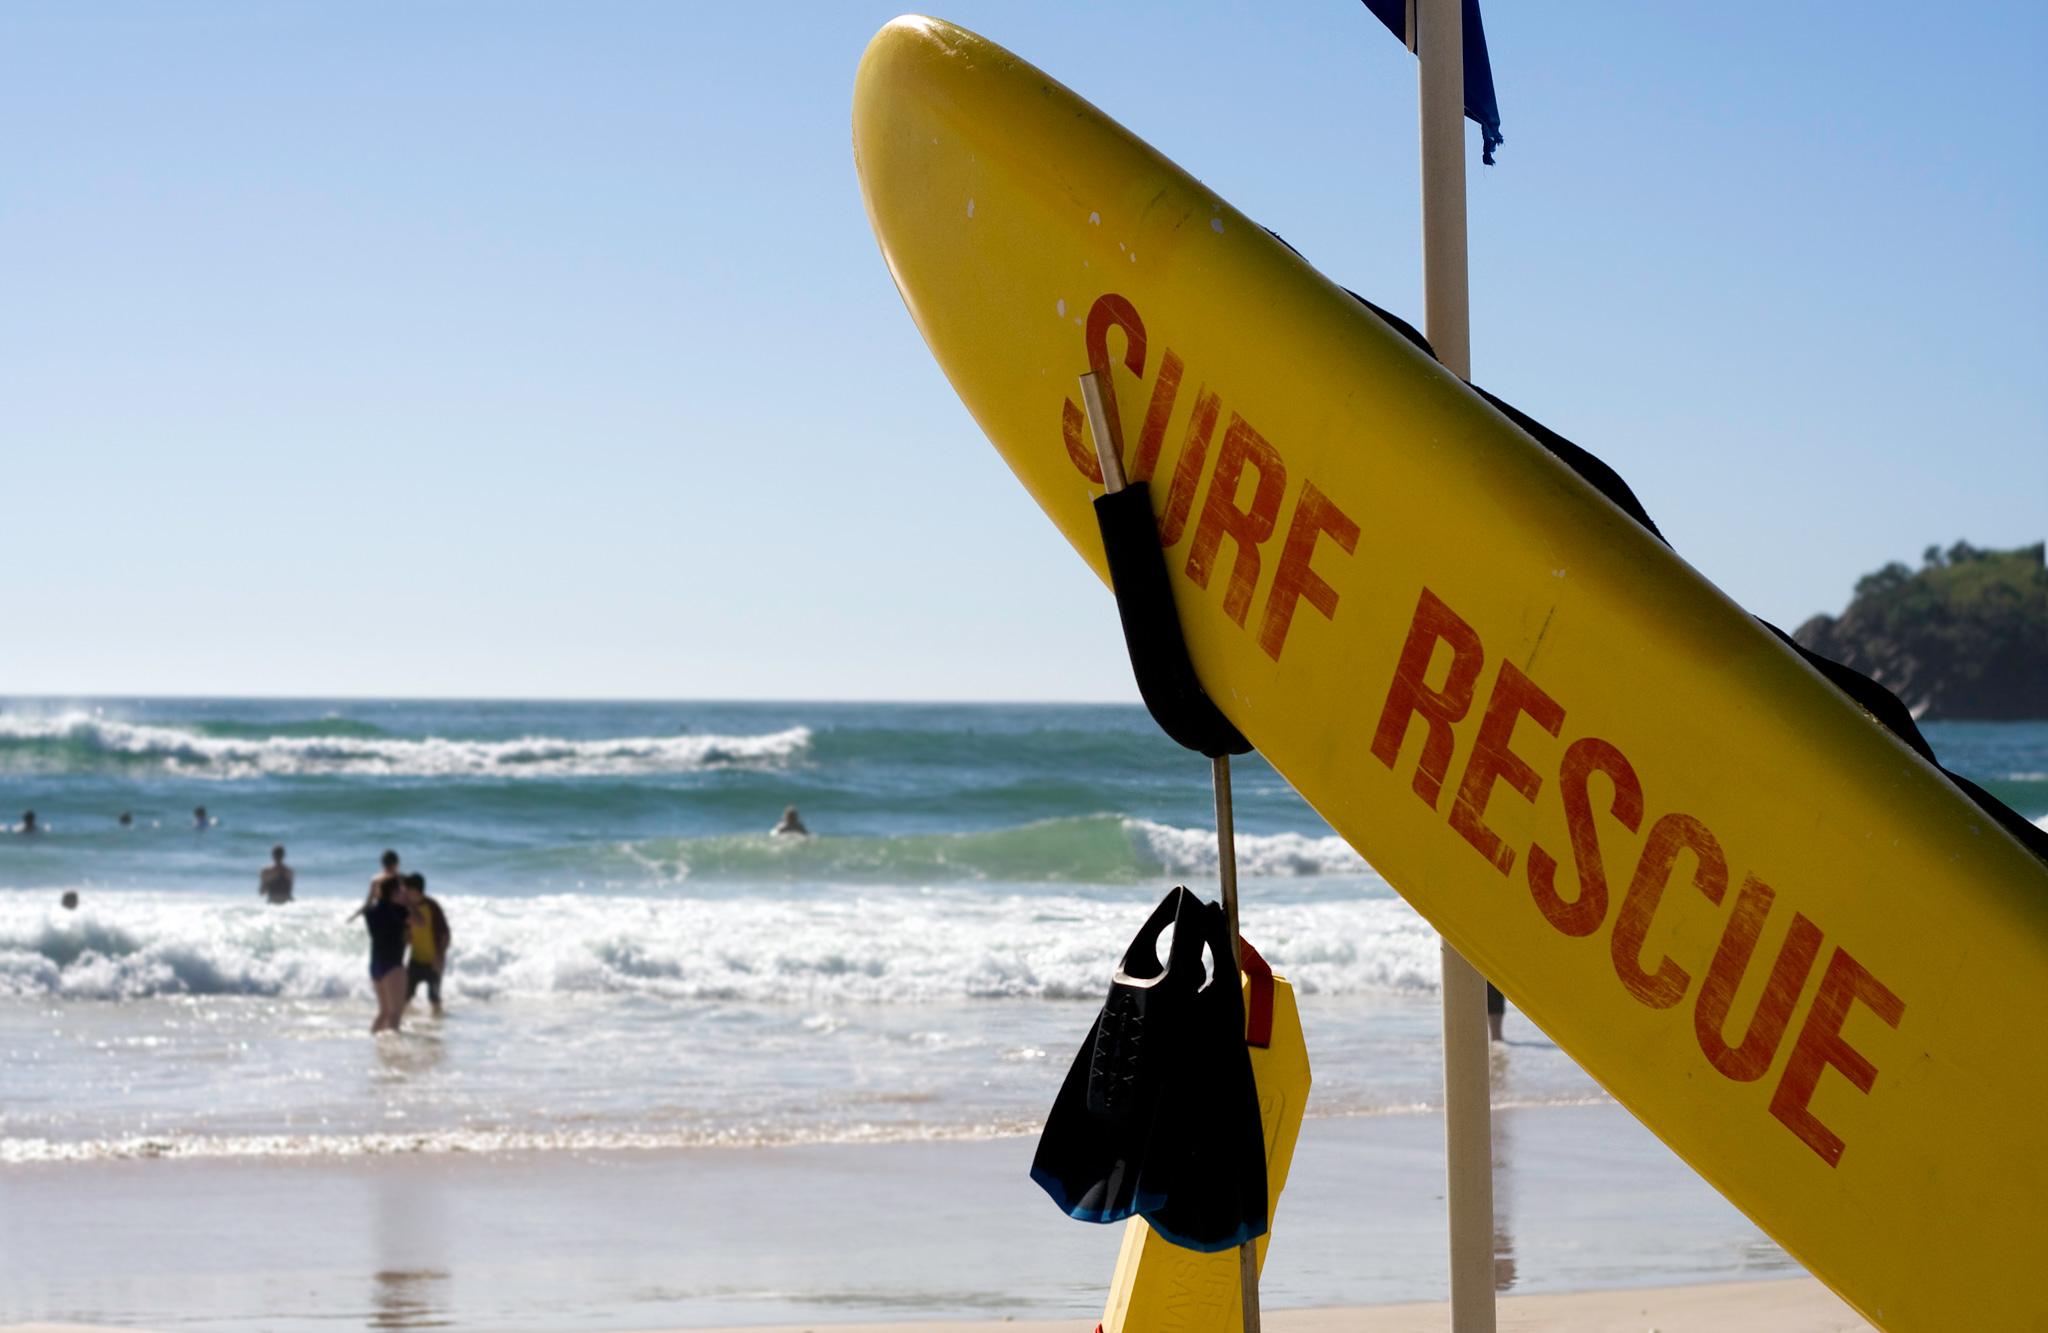 サーフィンは危険?-2